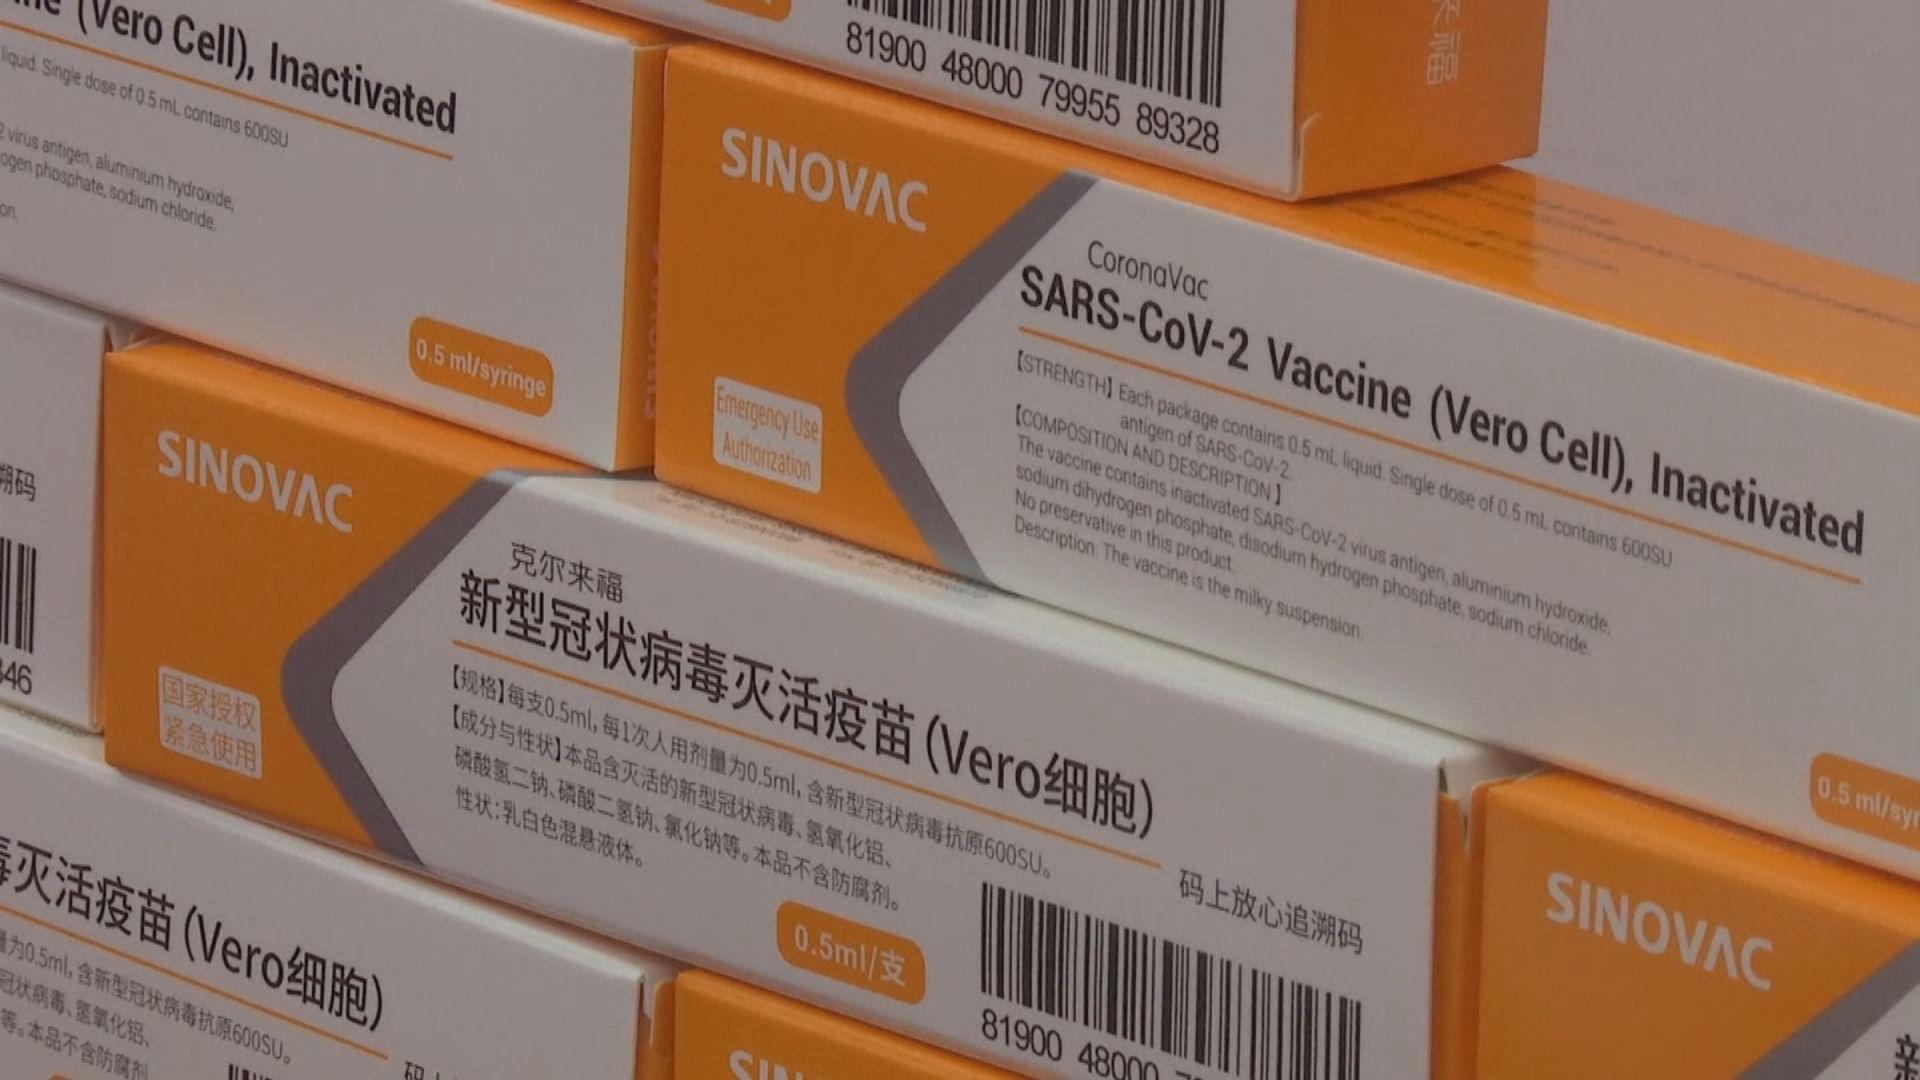 國家藥監局附條件批准科興新冠病毒滅活疫苗上市